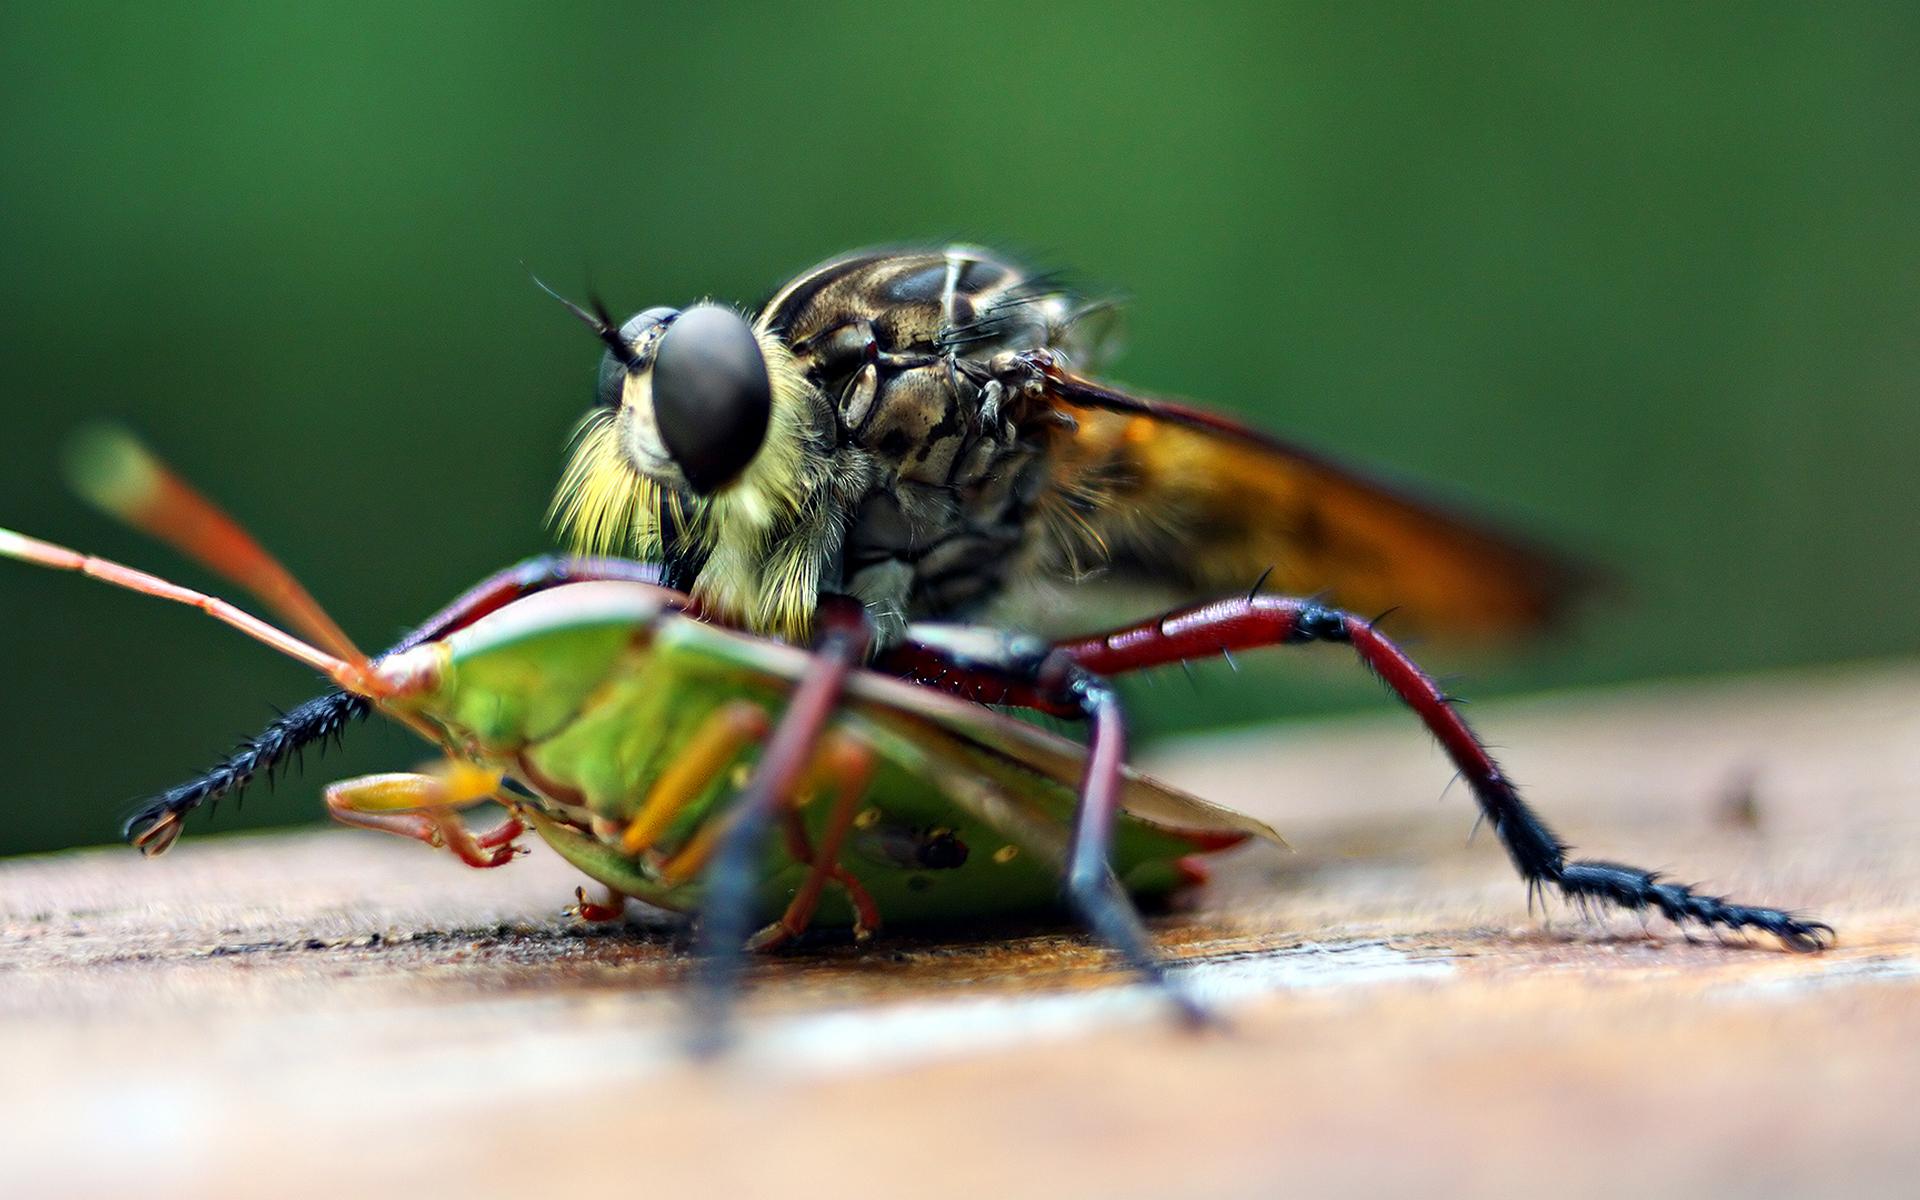 Механическая муха бесплатно